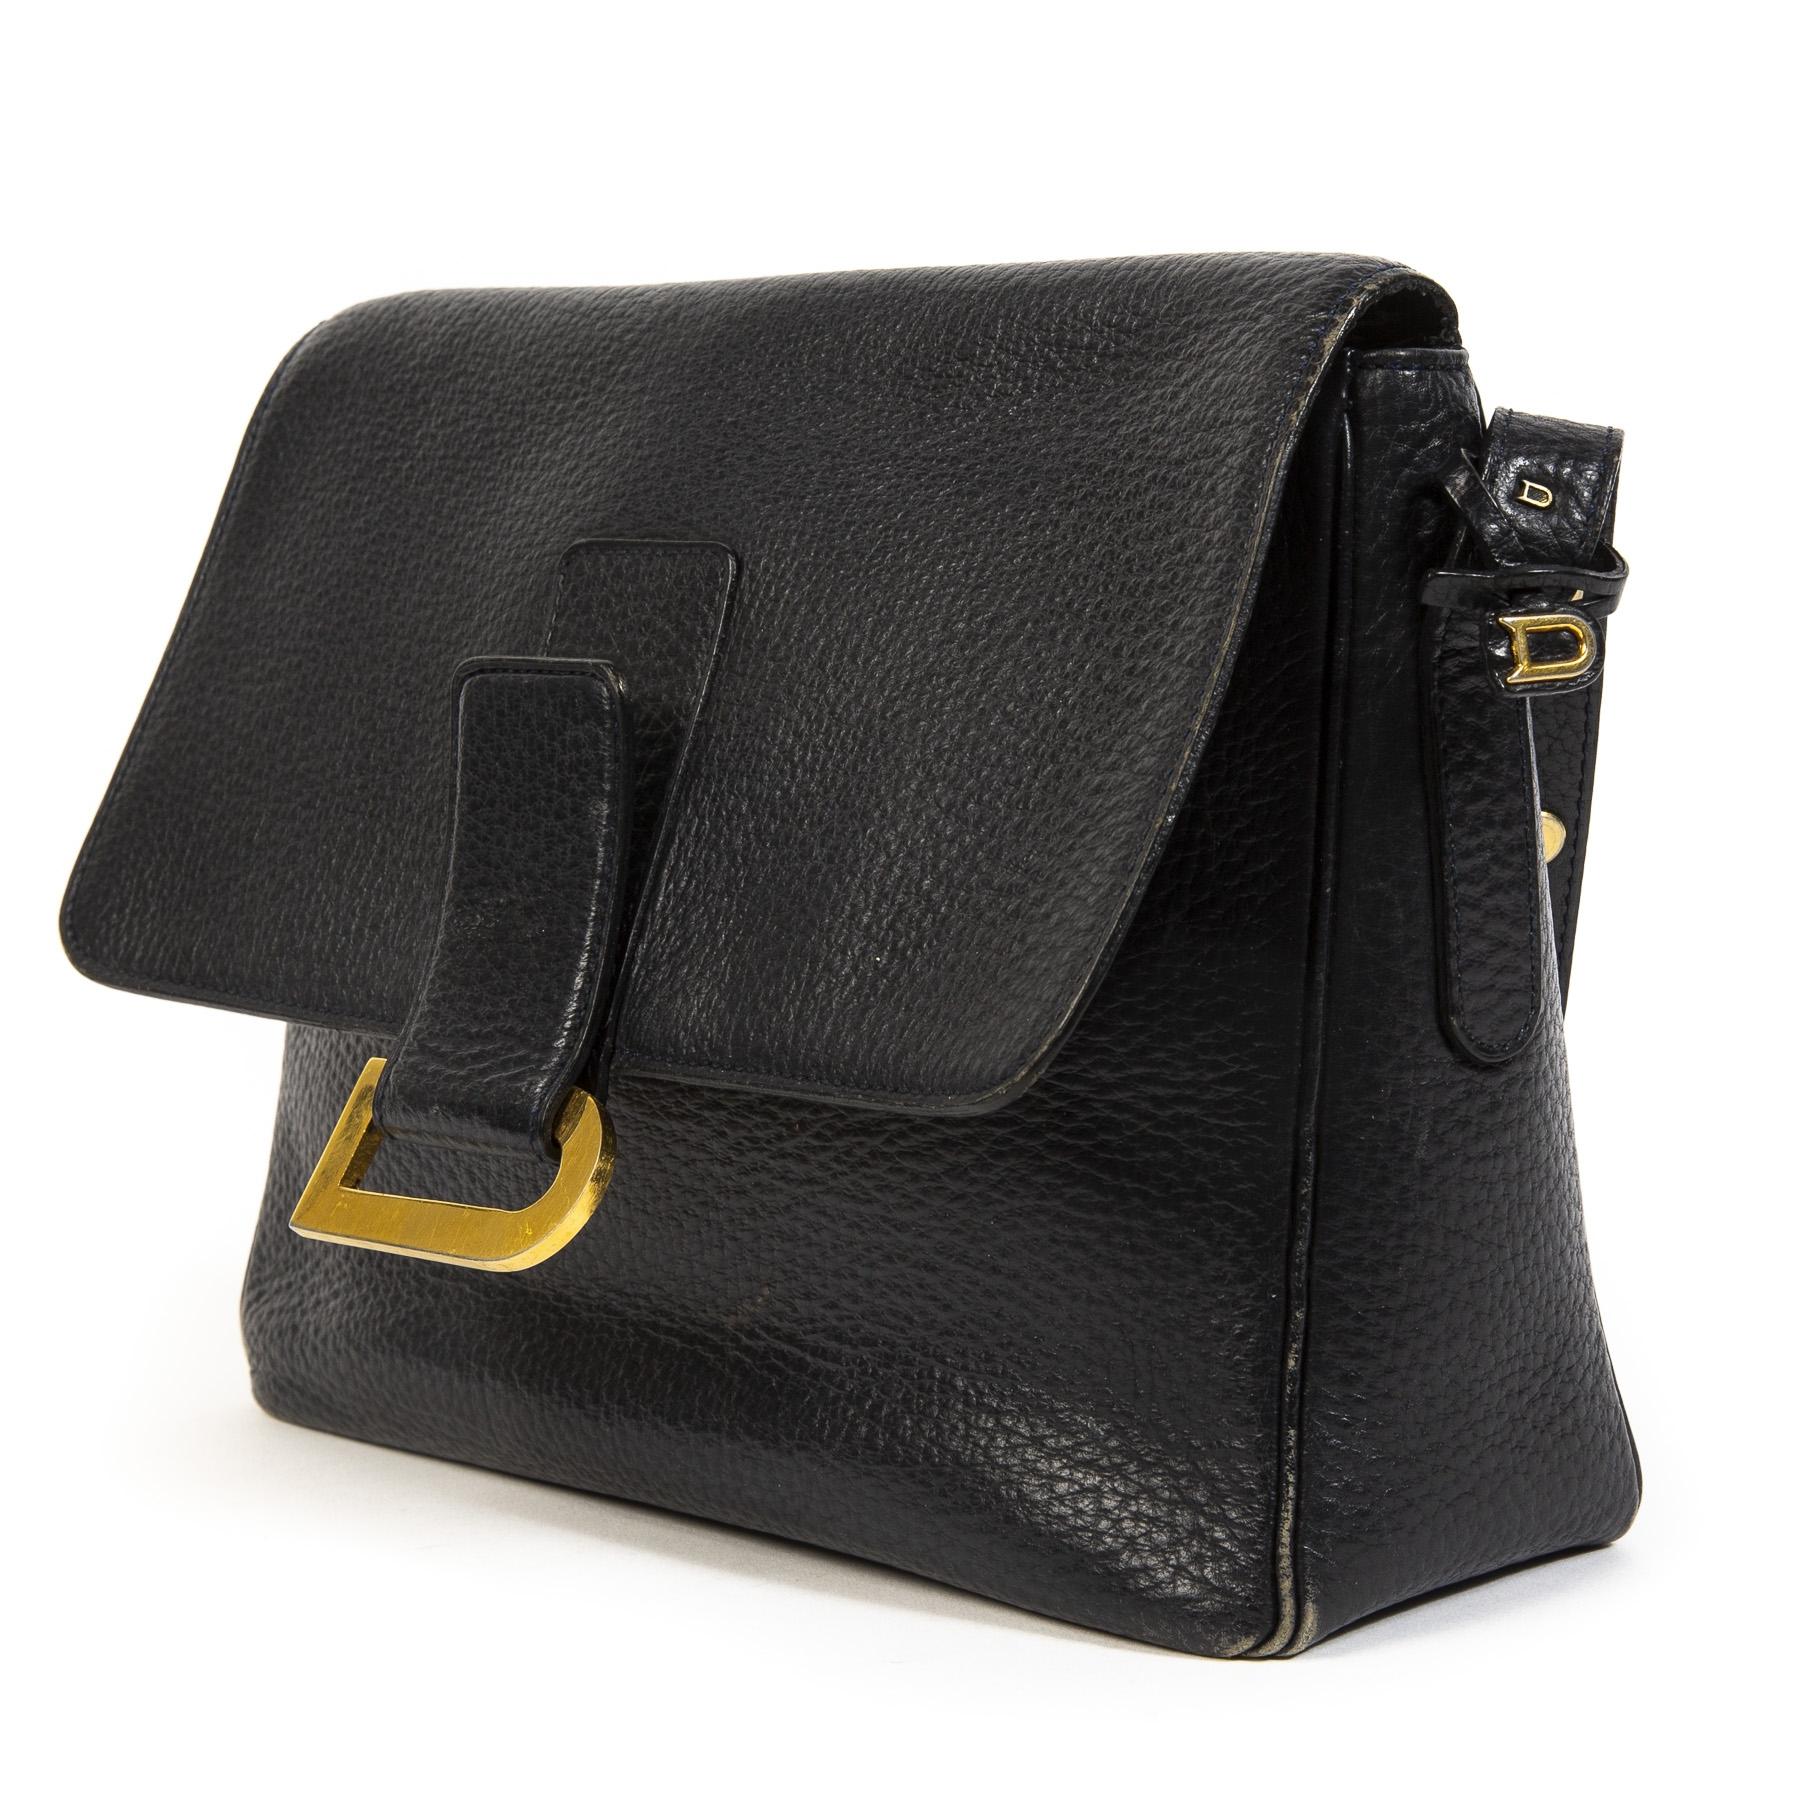 Buy this authentic second-hand vintage Delvaux Blue Poirier Shoulder Bag at online webshop LabelLOV.